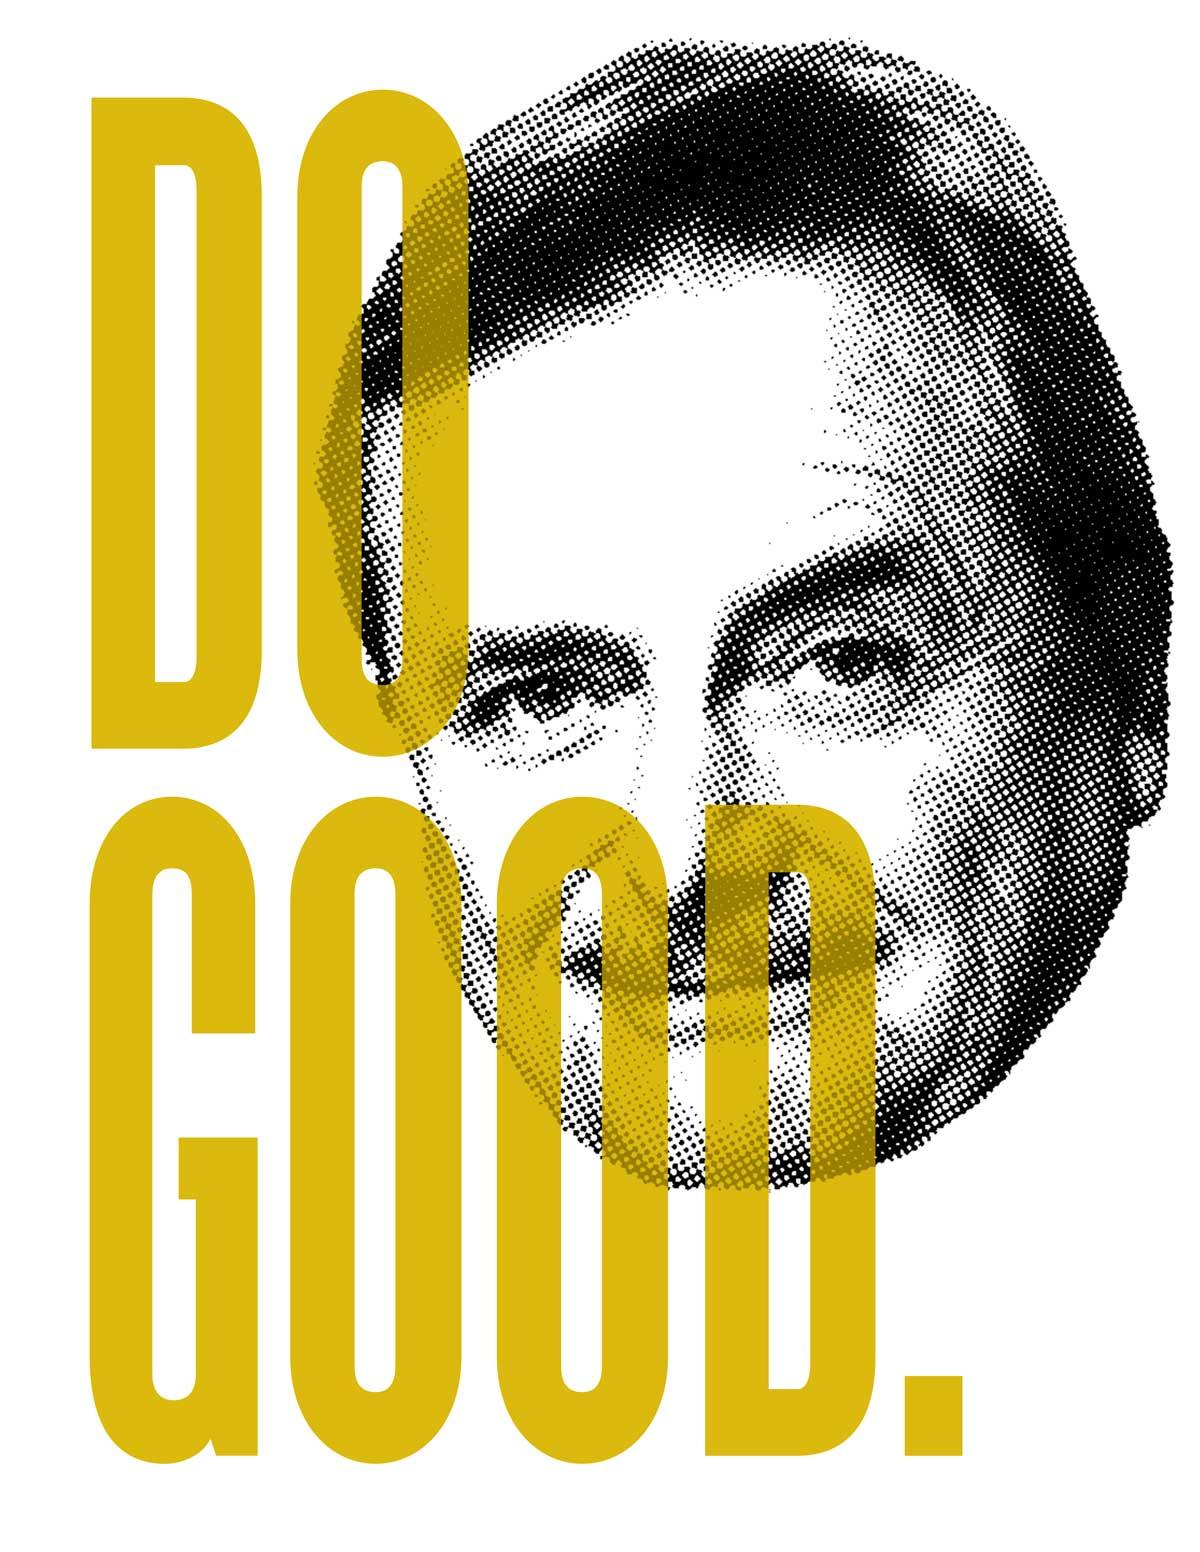 sophiabrown-do-good-72.jpg